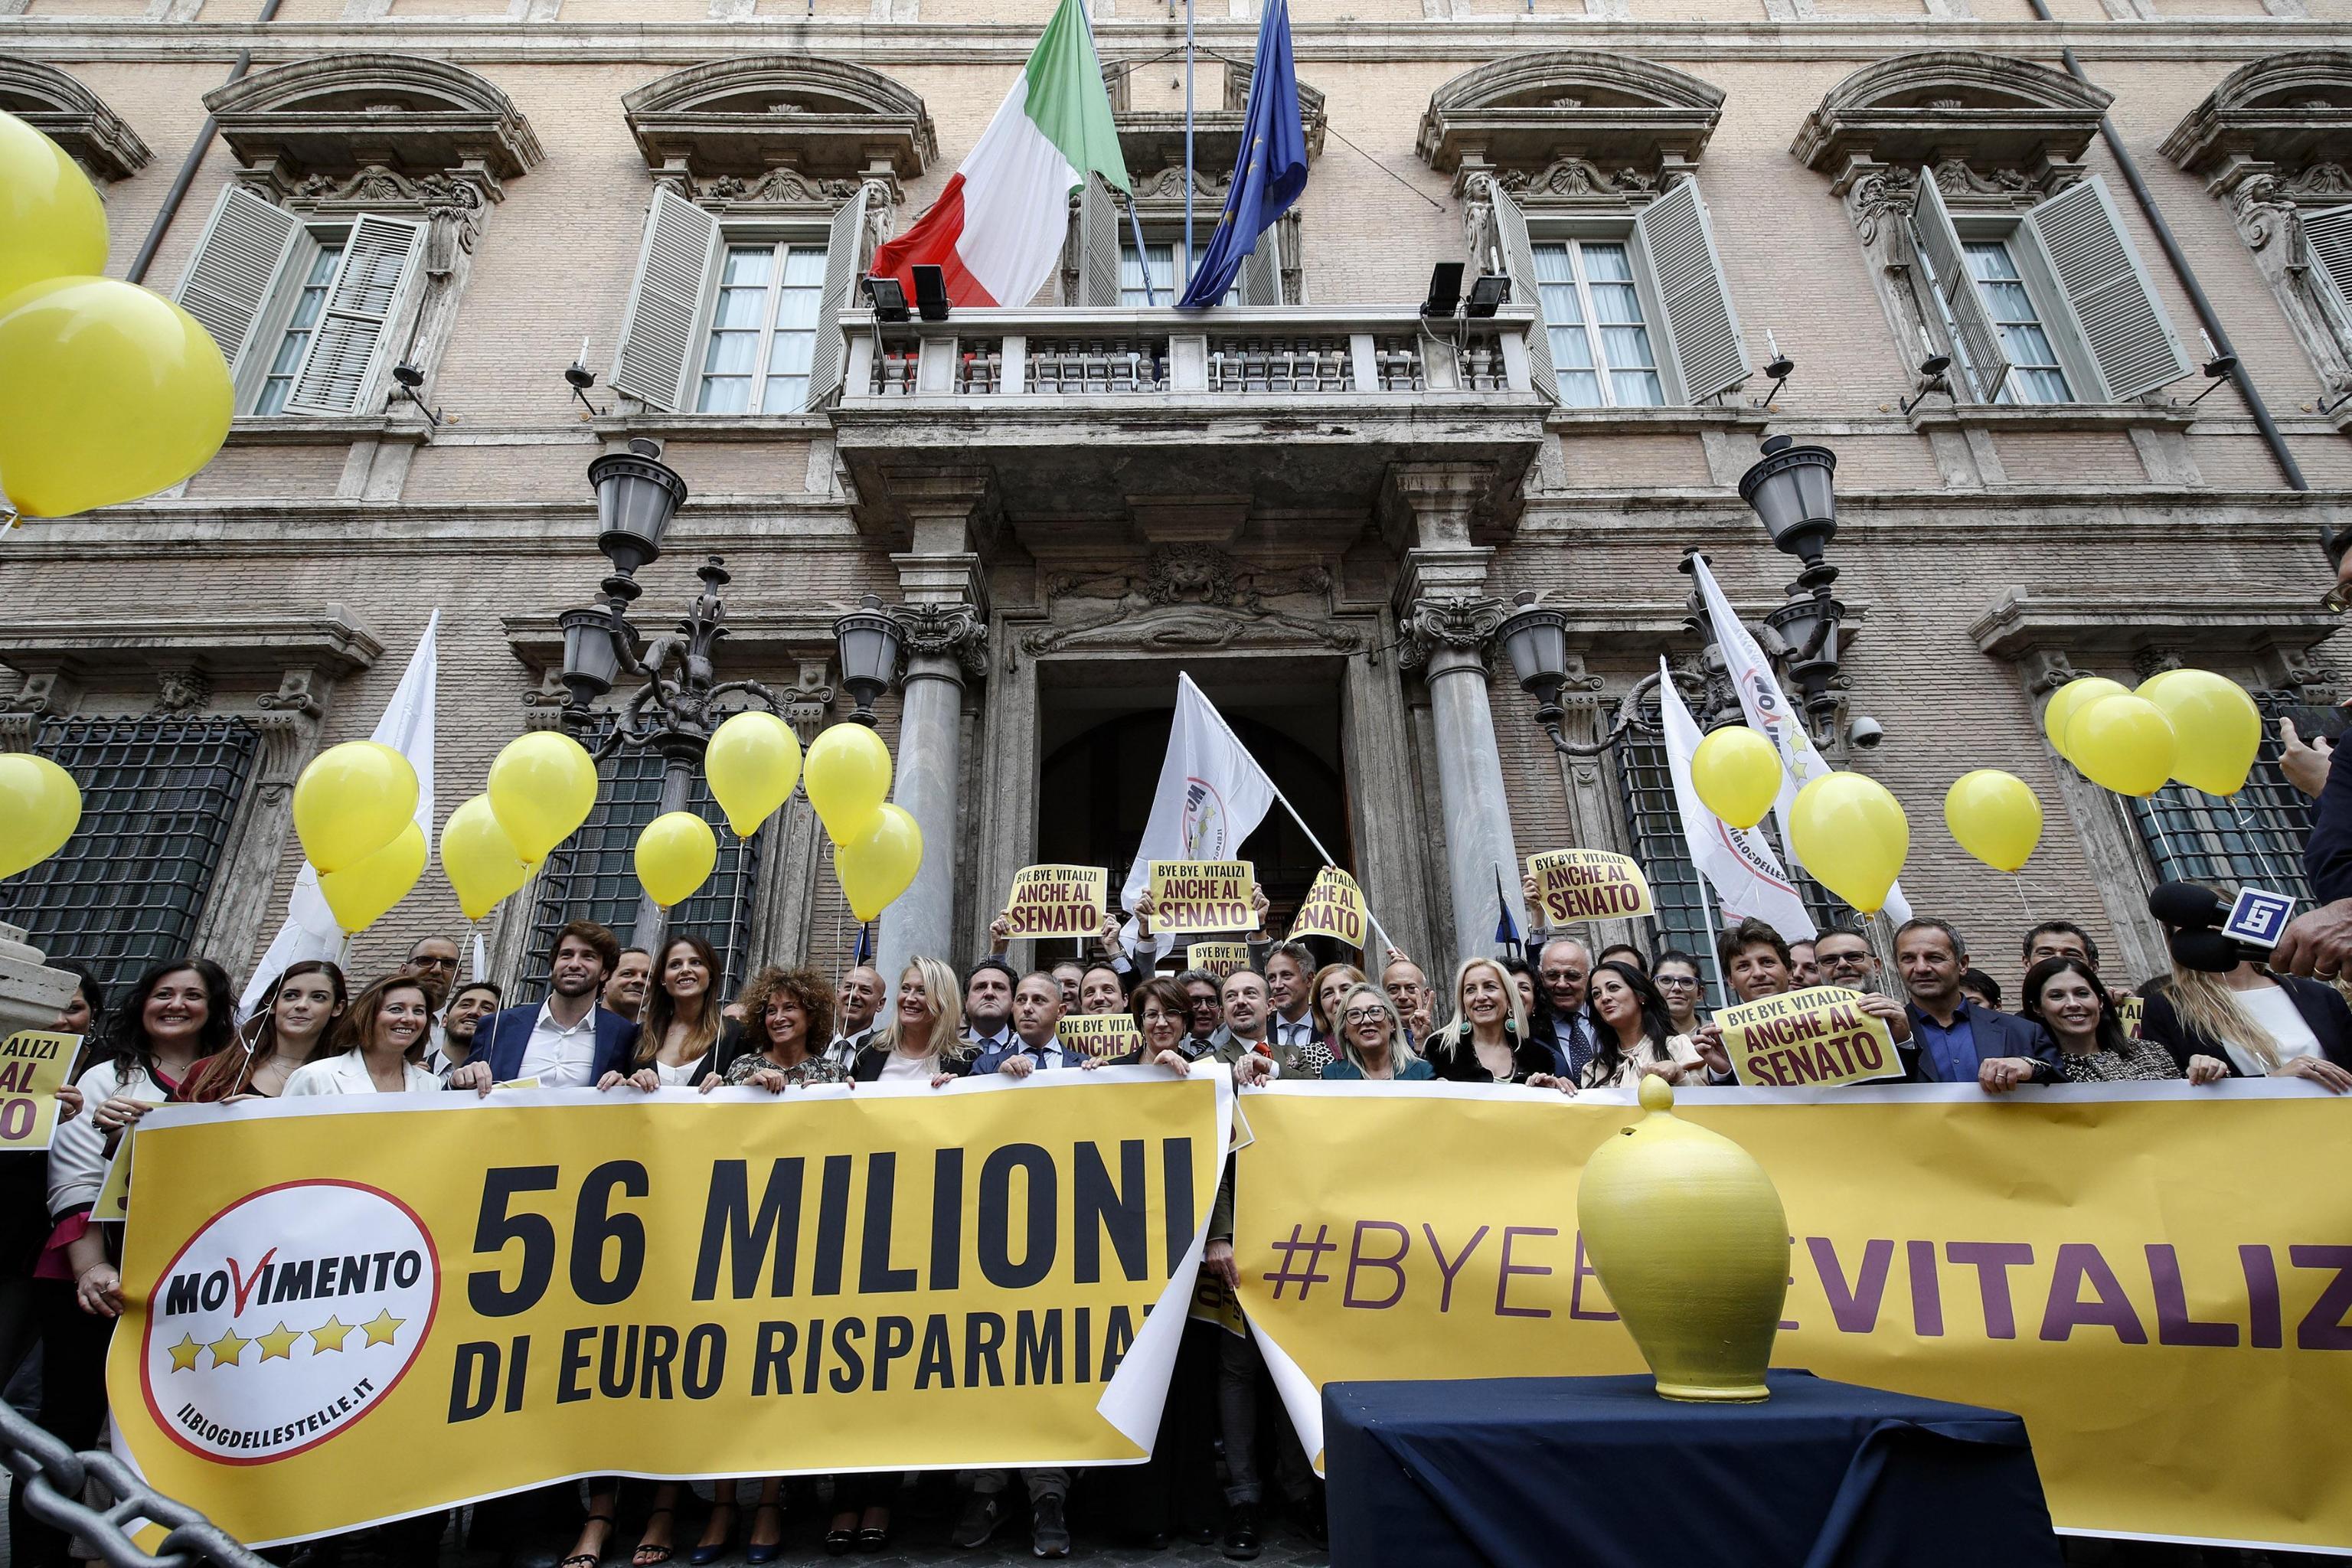 Vitalizi: Vaccaro, basta privilegi, promessa mantenuta